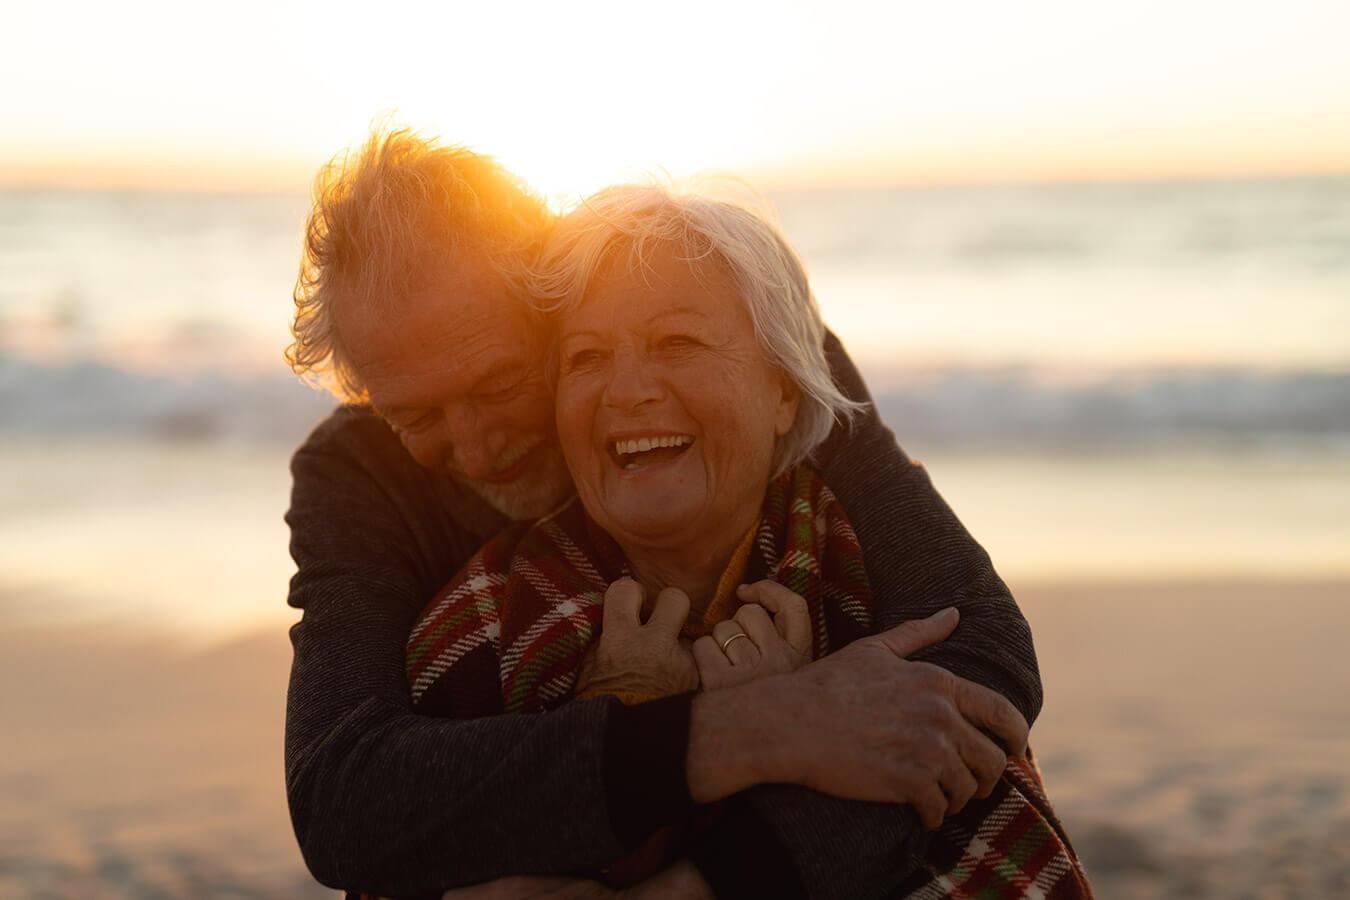 75 rocznica ślubu – Nazwa, Prezenty i Życzenia na siedemdziesiątą piątą rocznicę ślubu